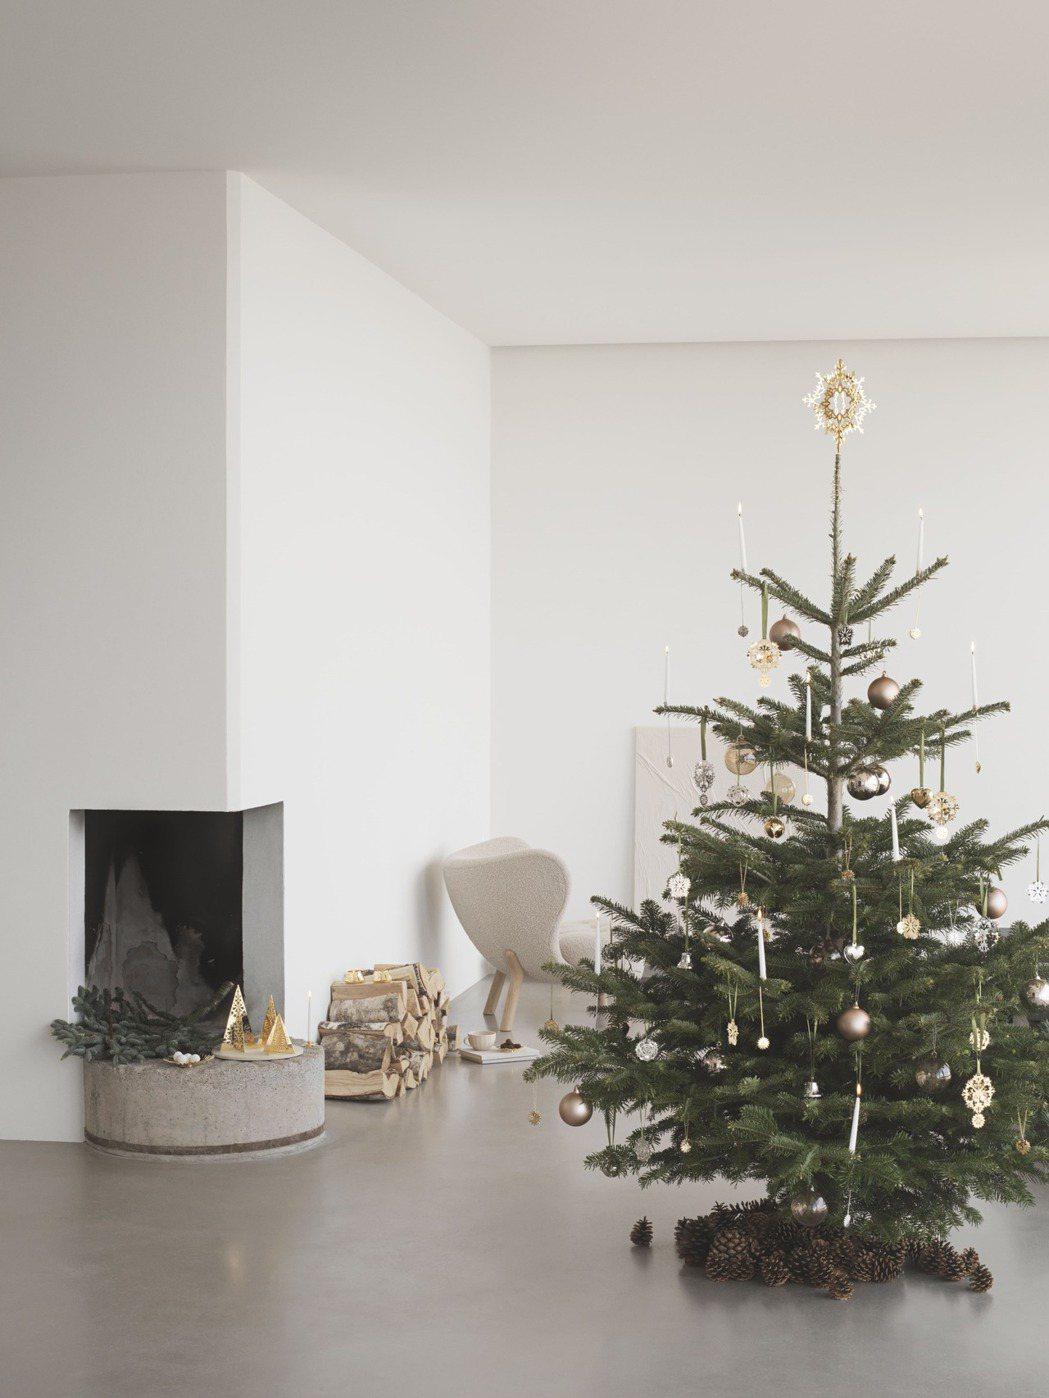 喬治傑生推出2020聖誕珍藏系列,打造居家北歐耶誕情調。圖/喬治傑生提供